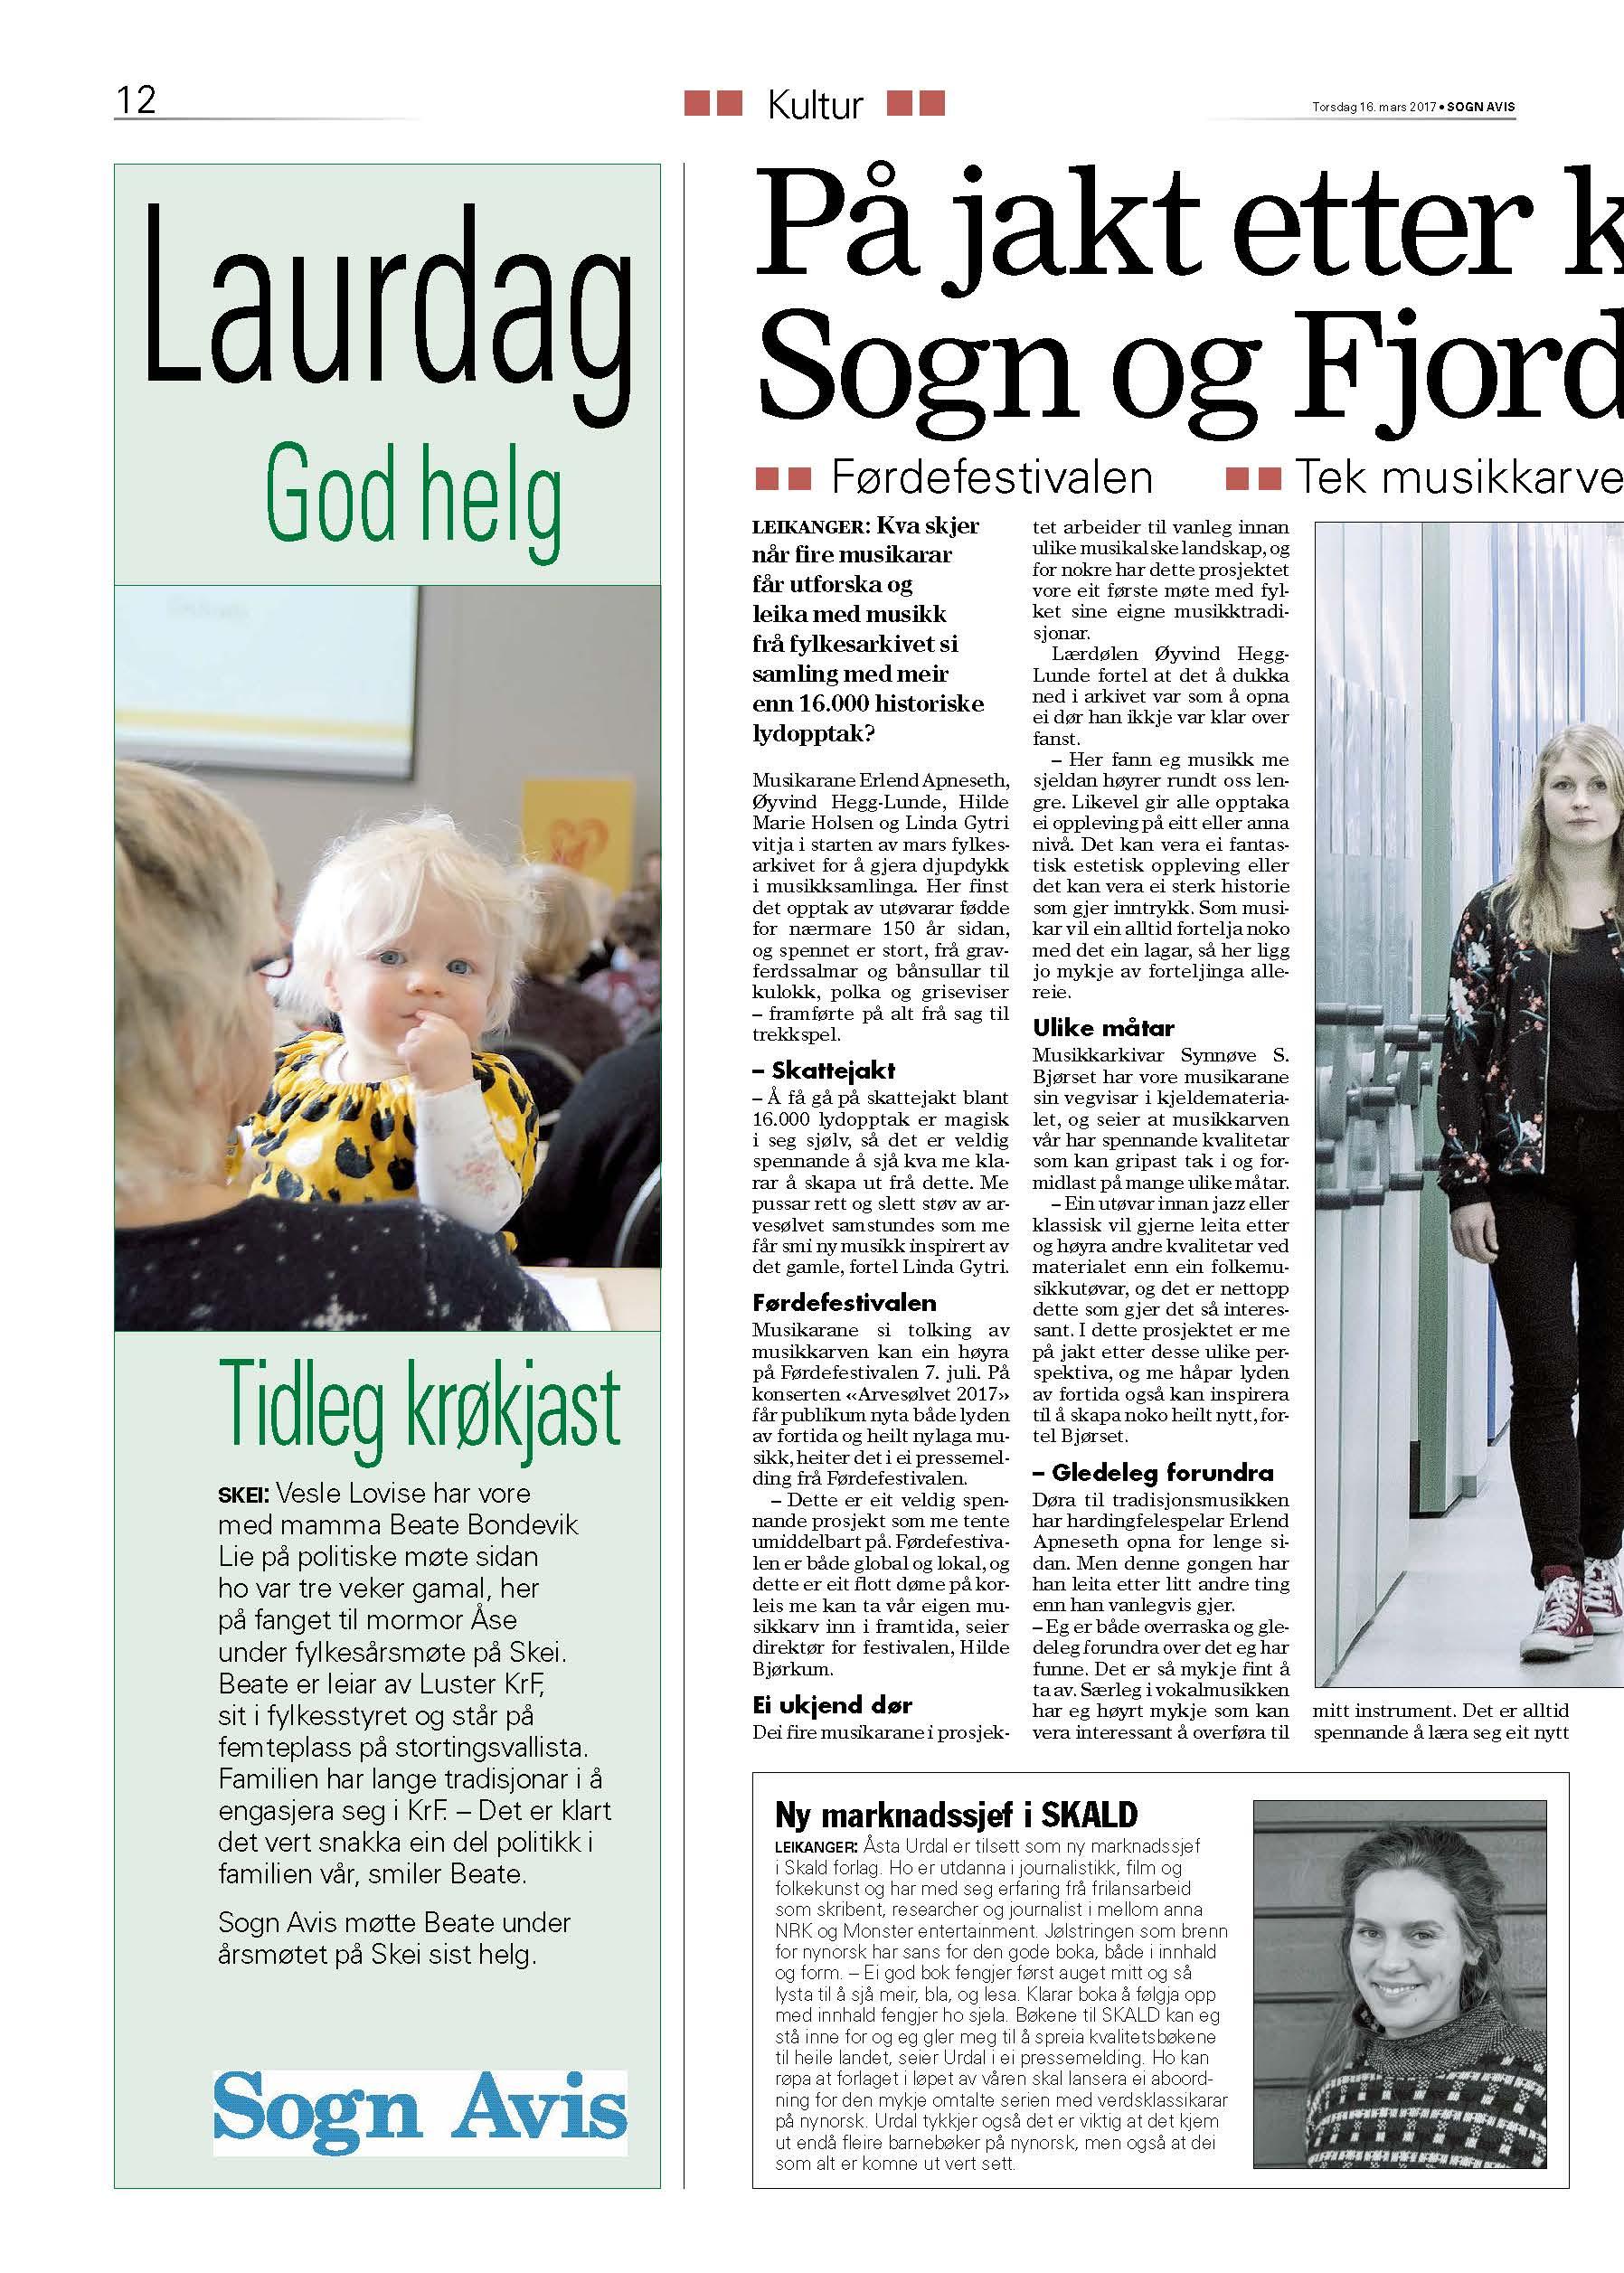 Sogn-Avis-2017-03-16-side-12 - Arvesølvet.jpg